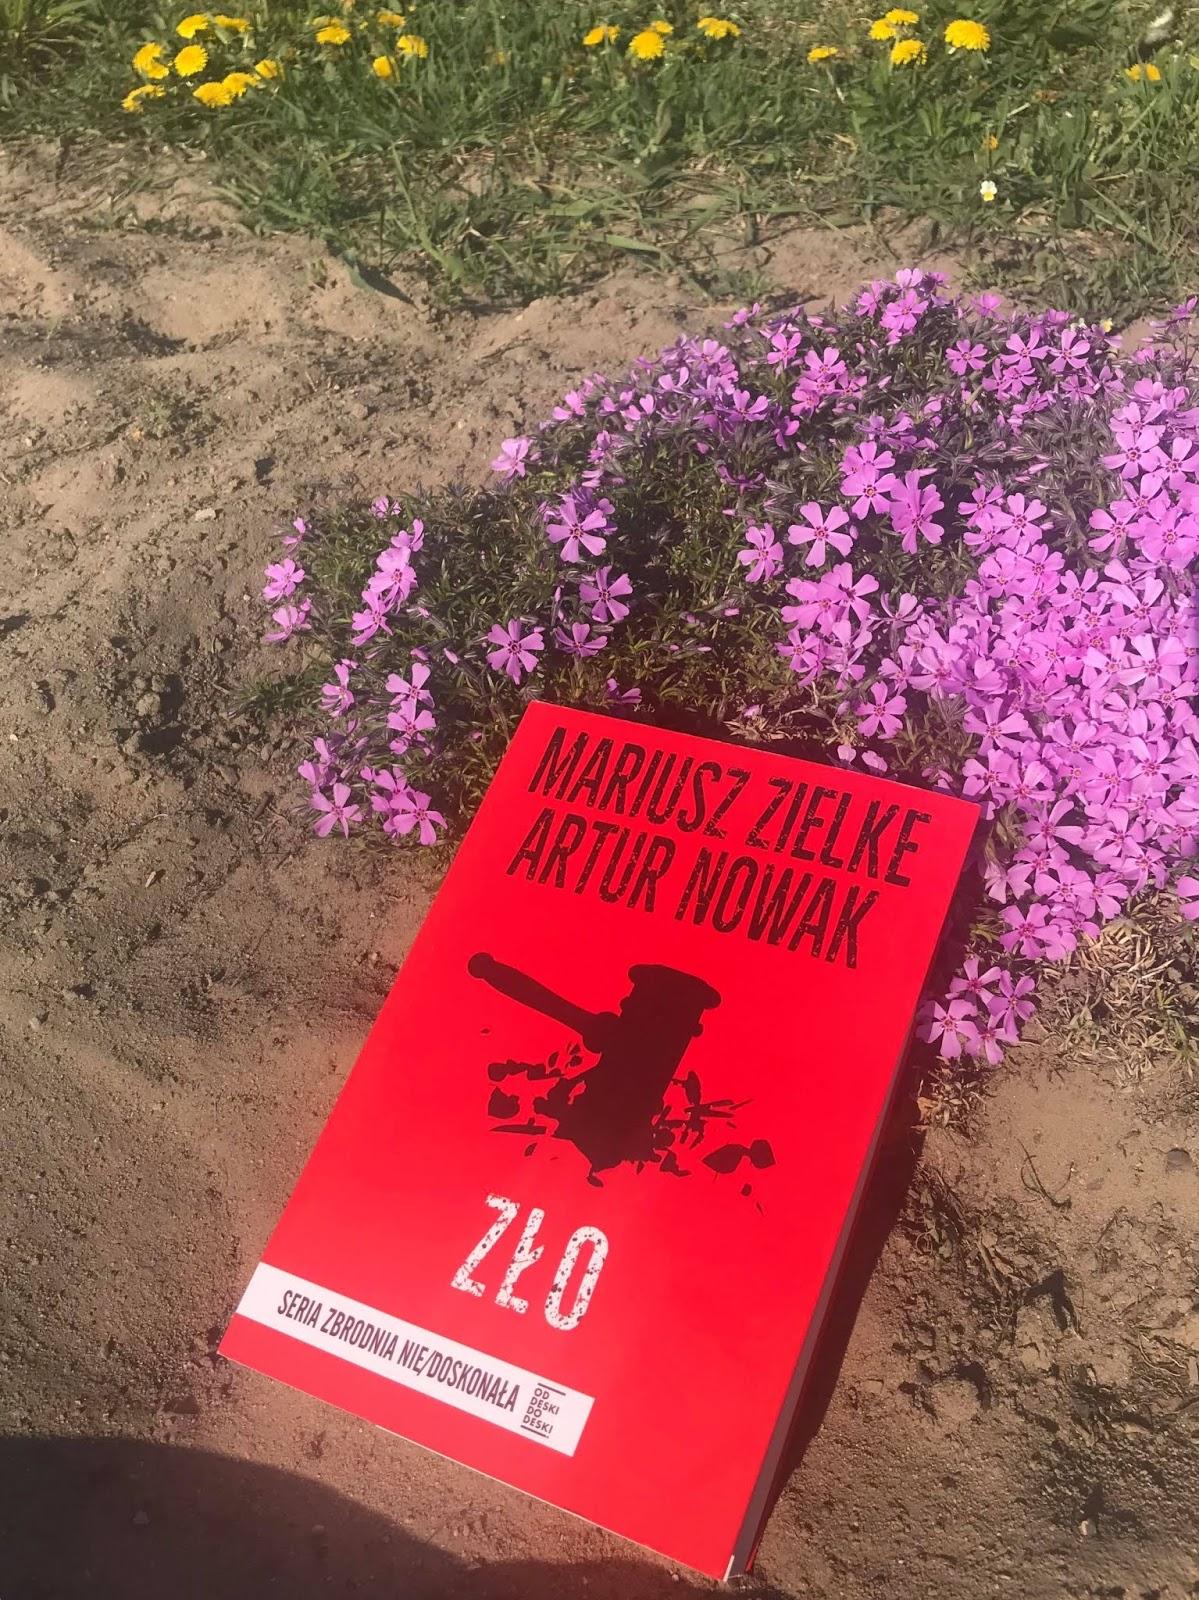 Mariusz Zielke, Artur Nowak - Zło